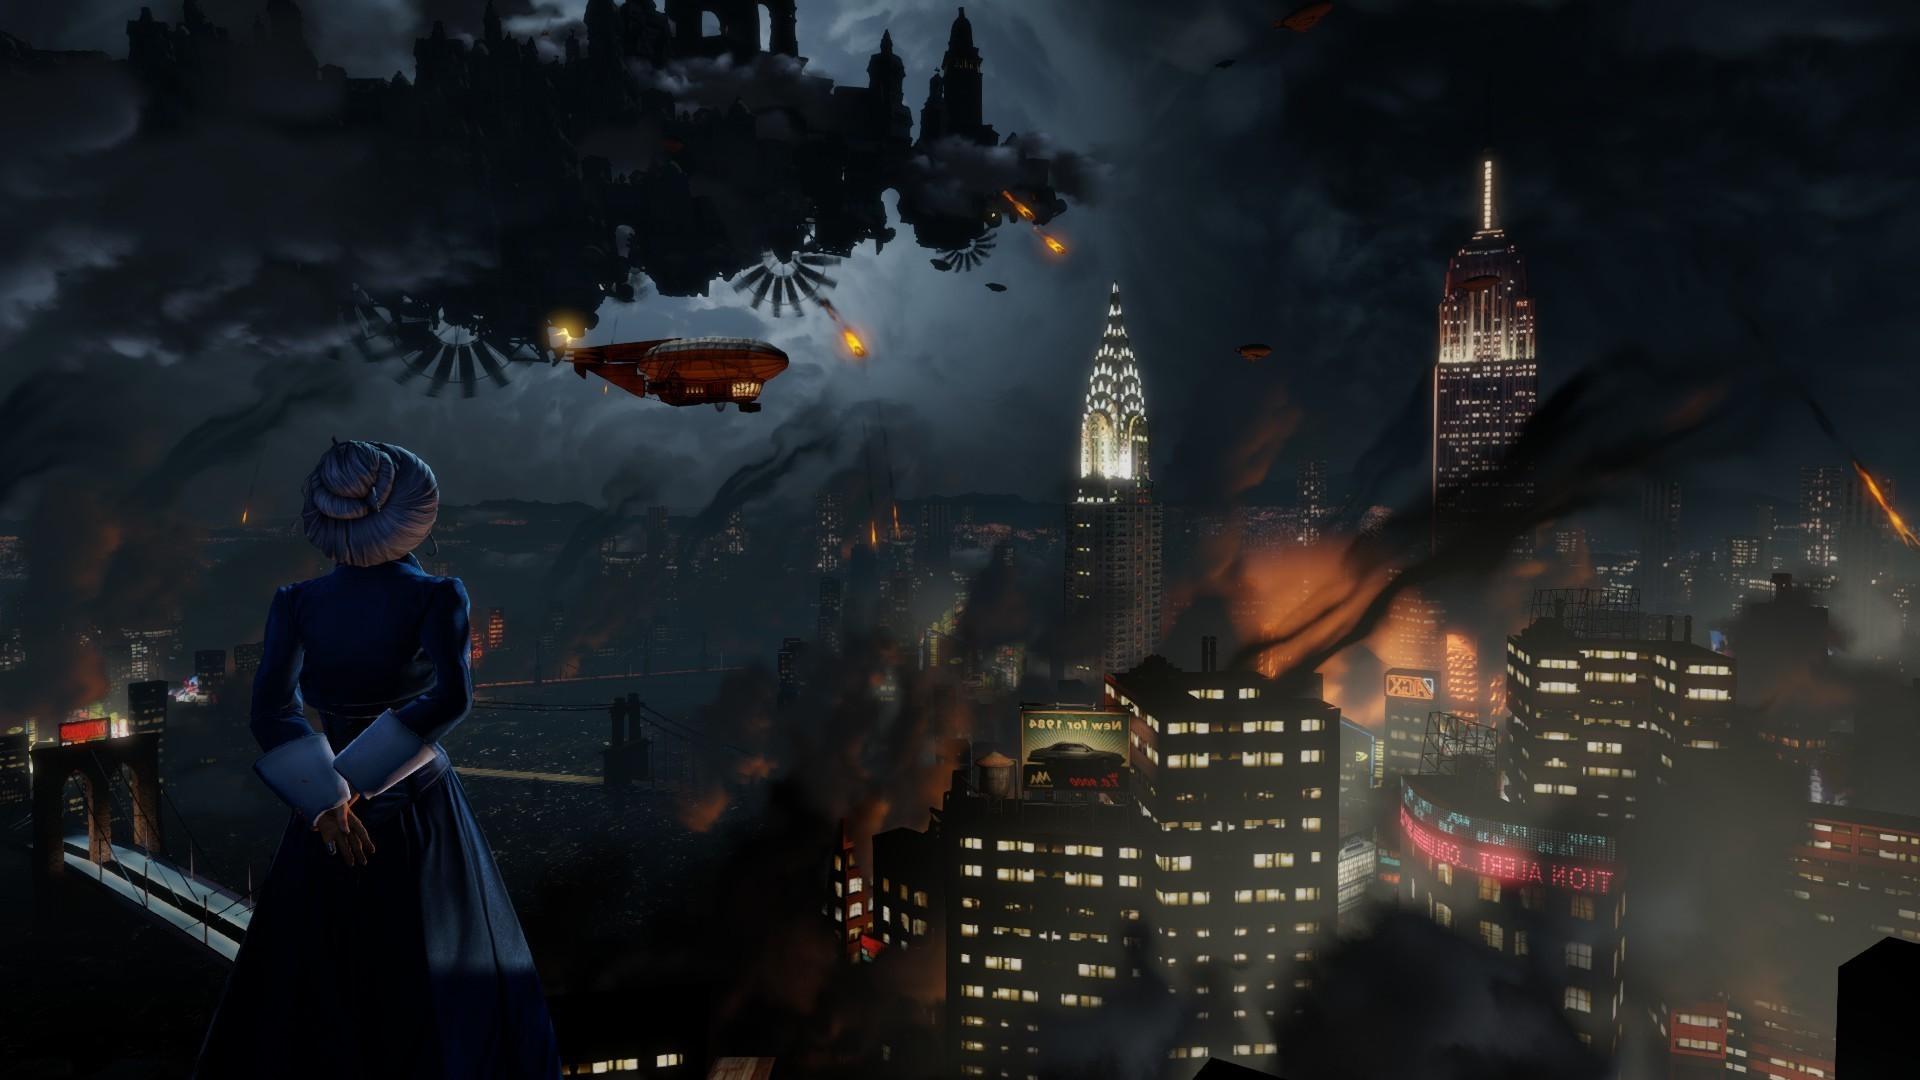 Wallpaper : 1920x1080 px, BioShock